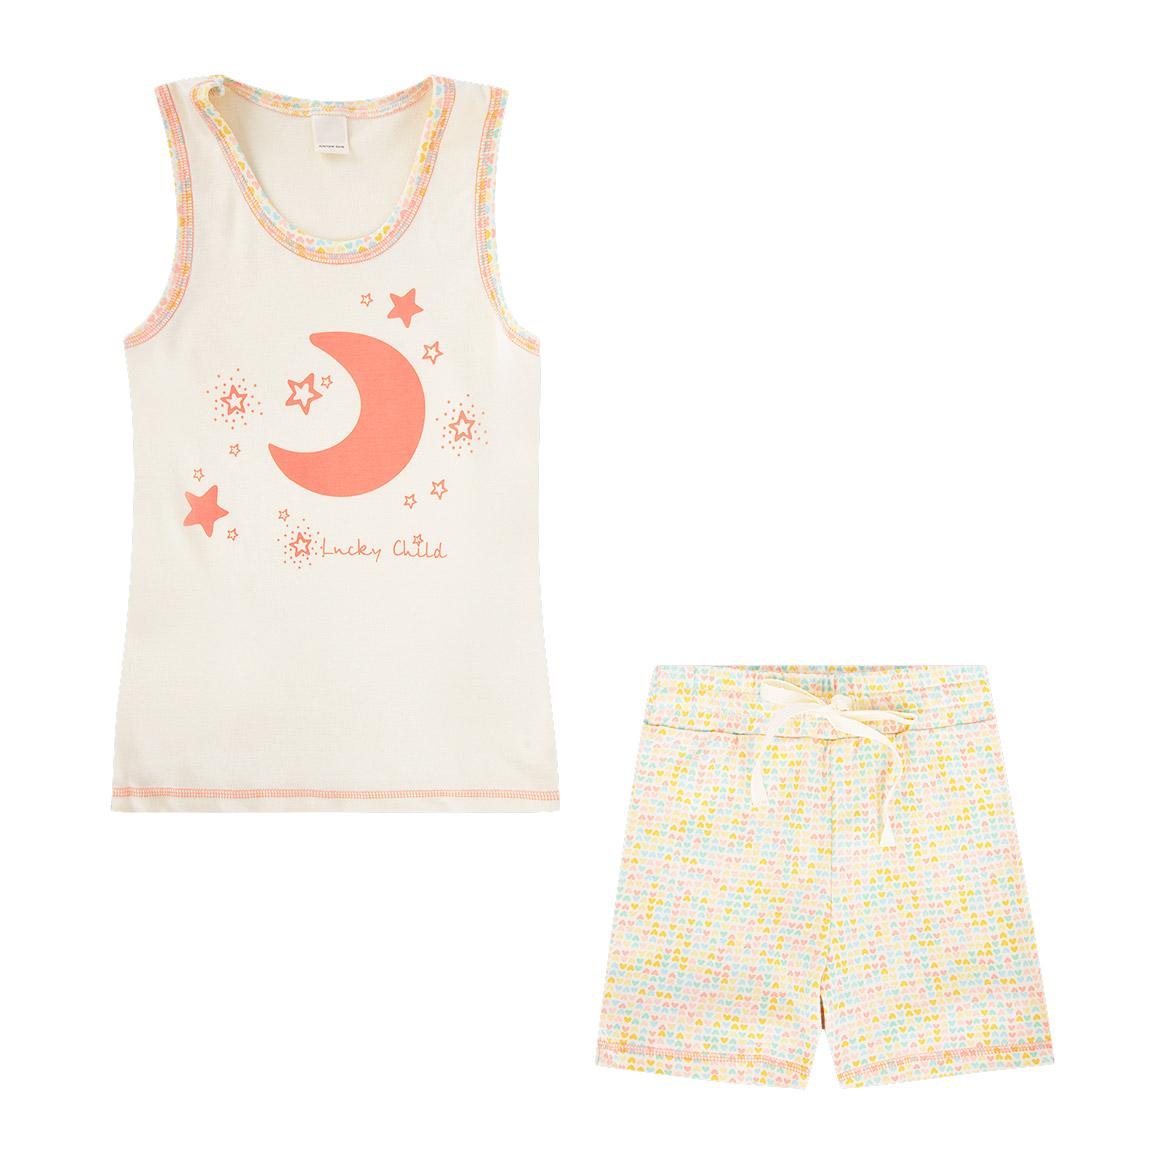 Купить Пижама Lucky Child для девочки 128-134, Бежевый, Интерлок, Для девочек, Весна-Лето,